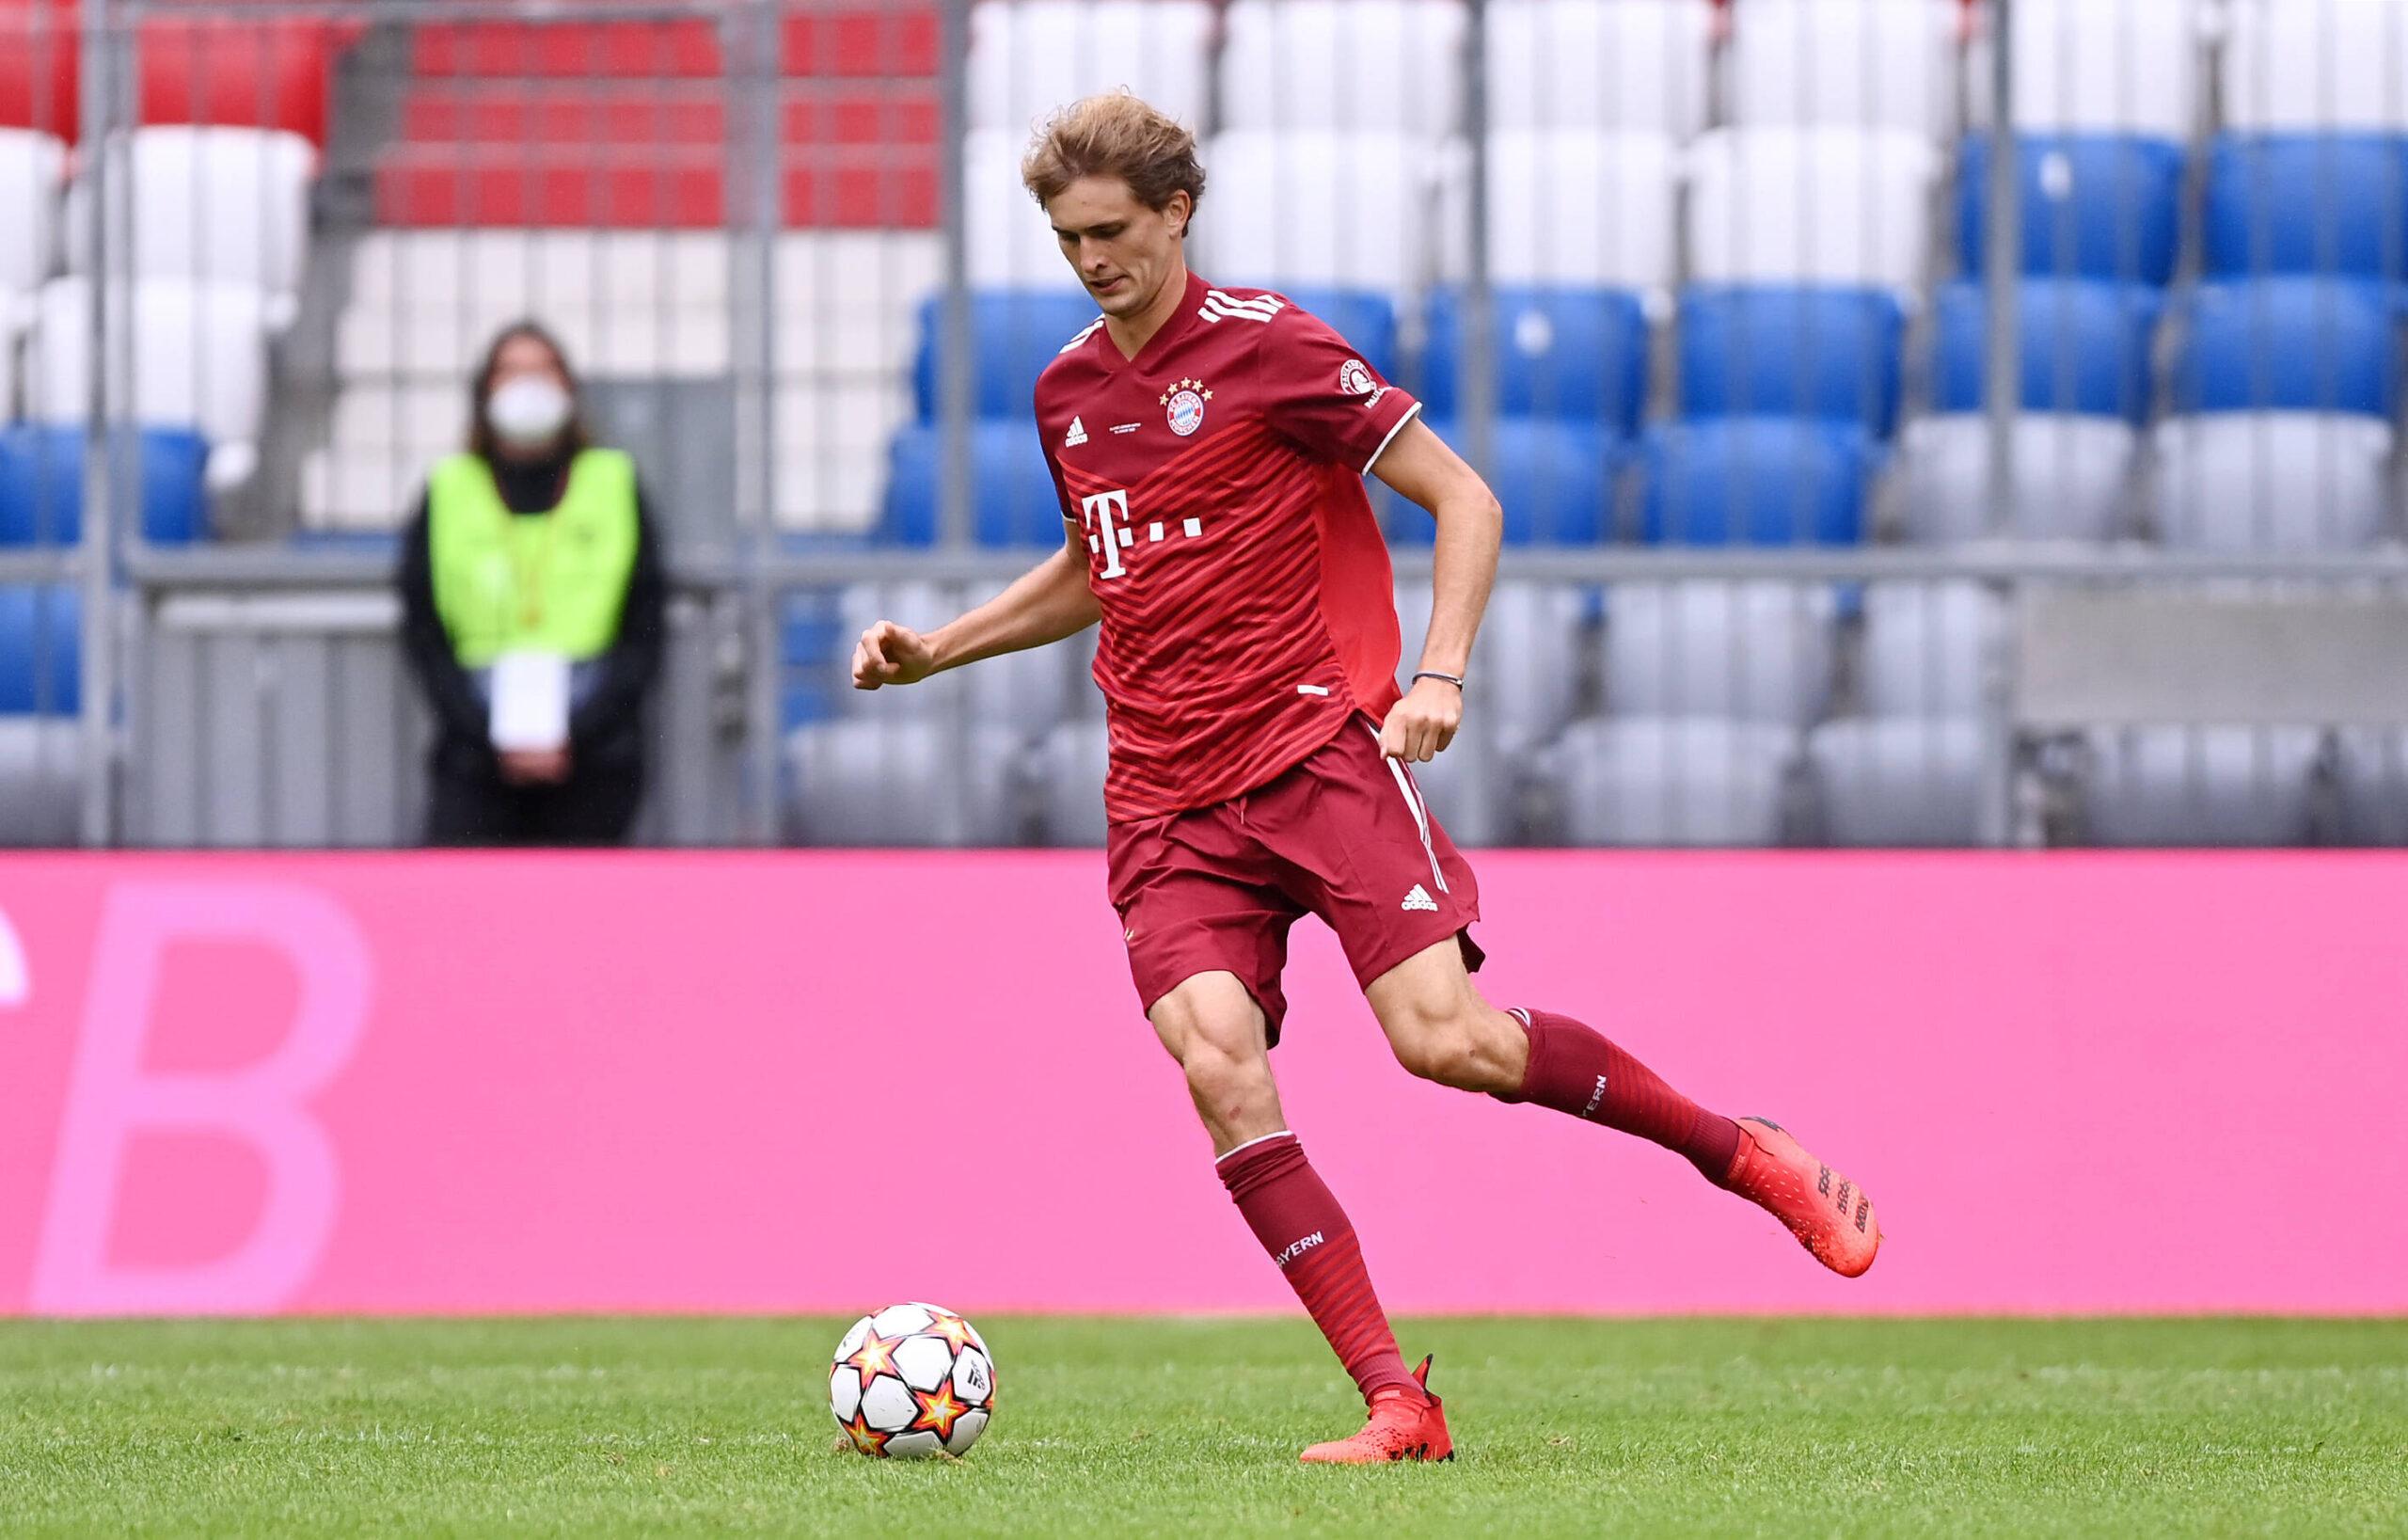 Zverev en la presentación del equipo de FC Bayern München. Foto: Imago.